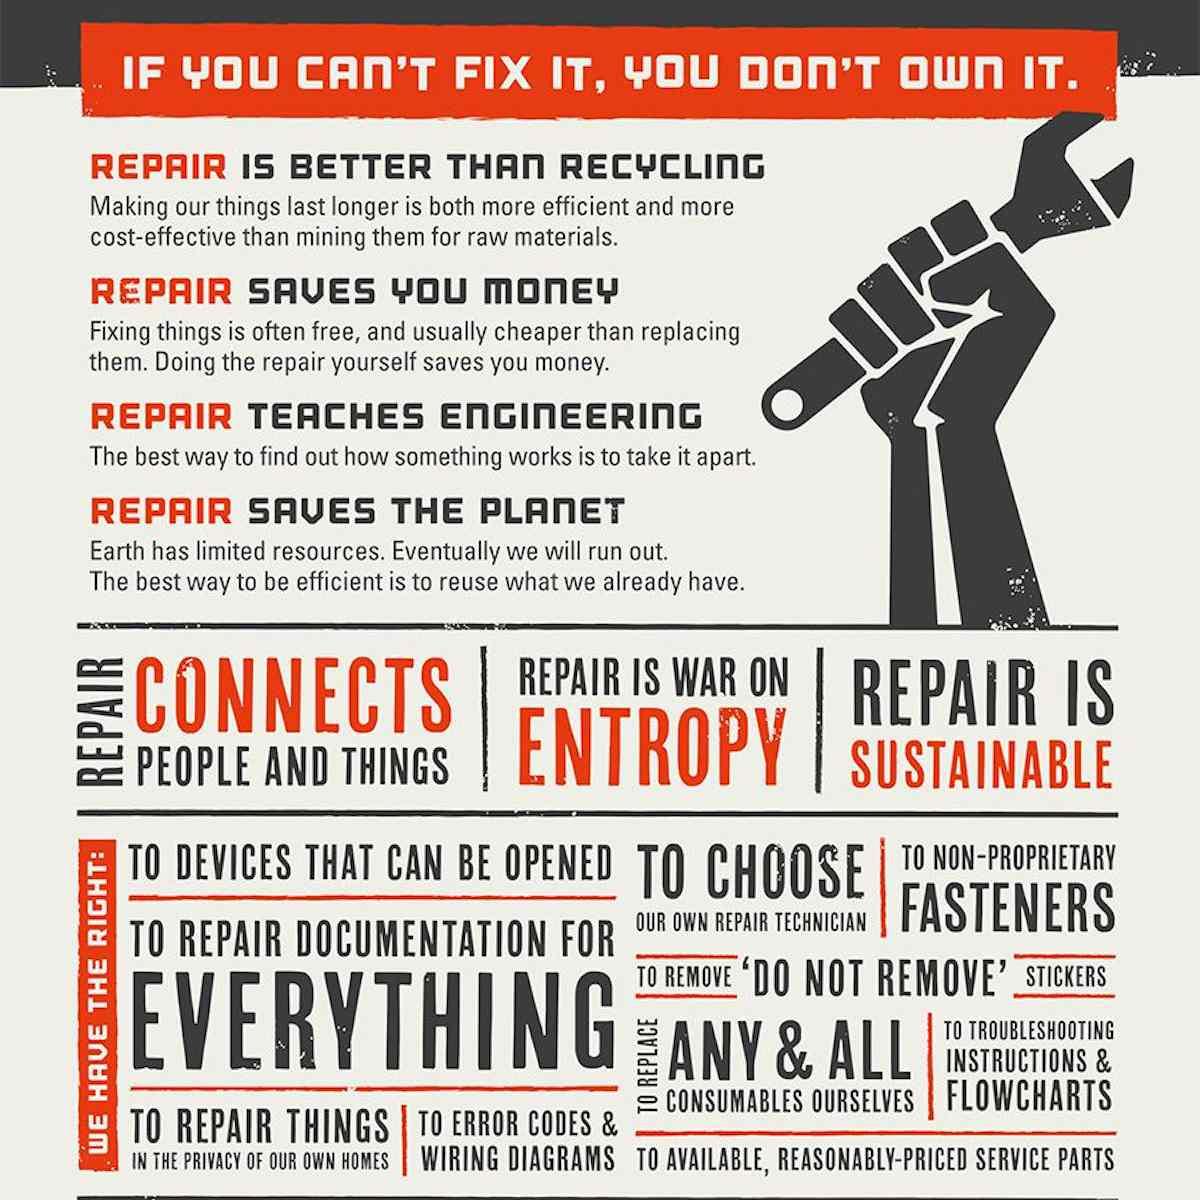 repair manifesto infographic